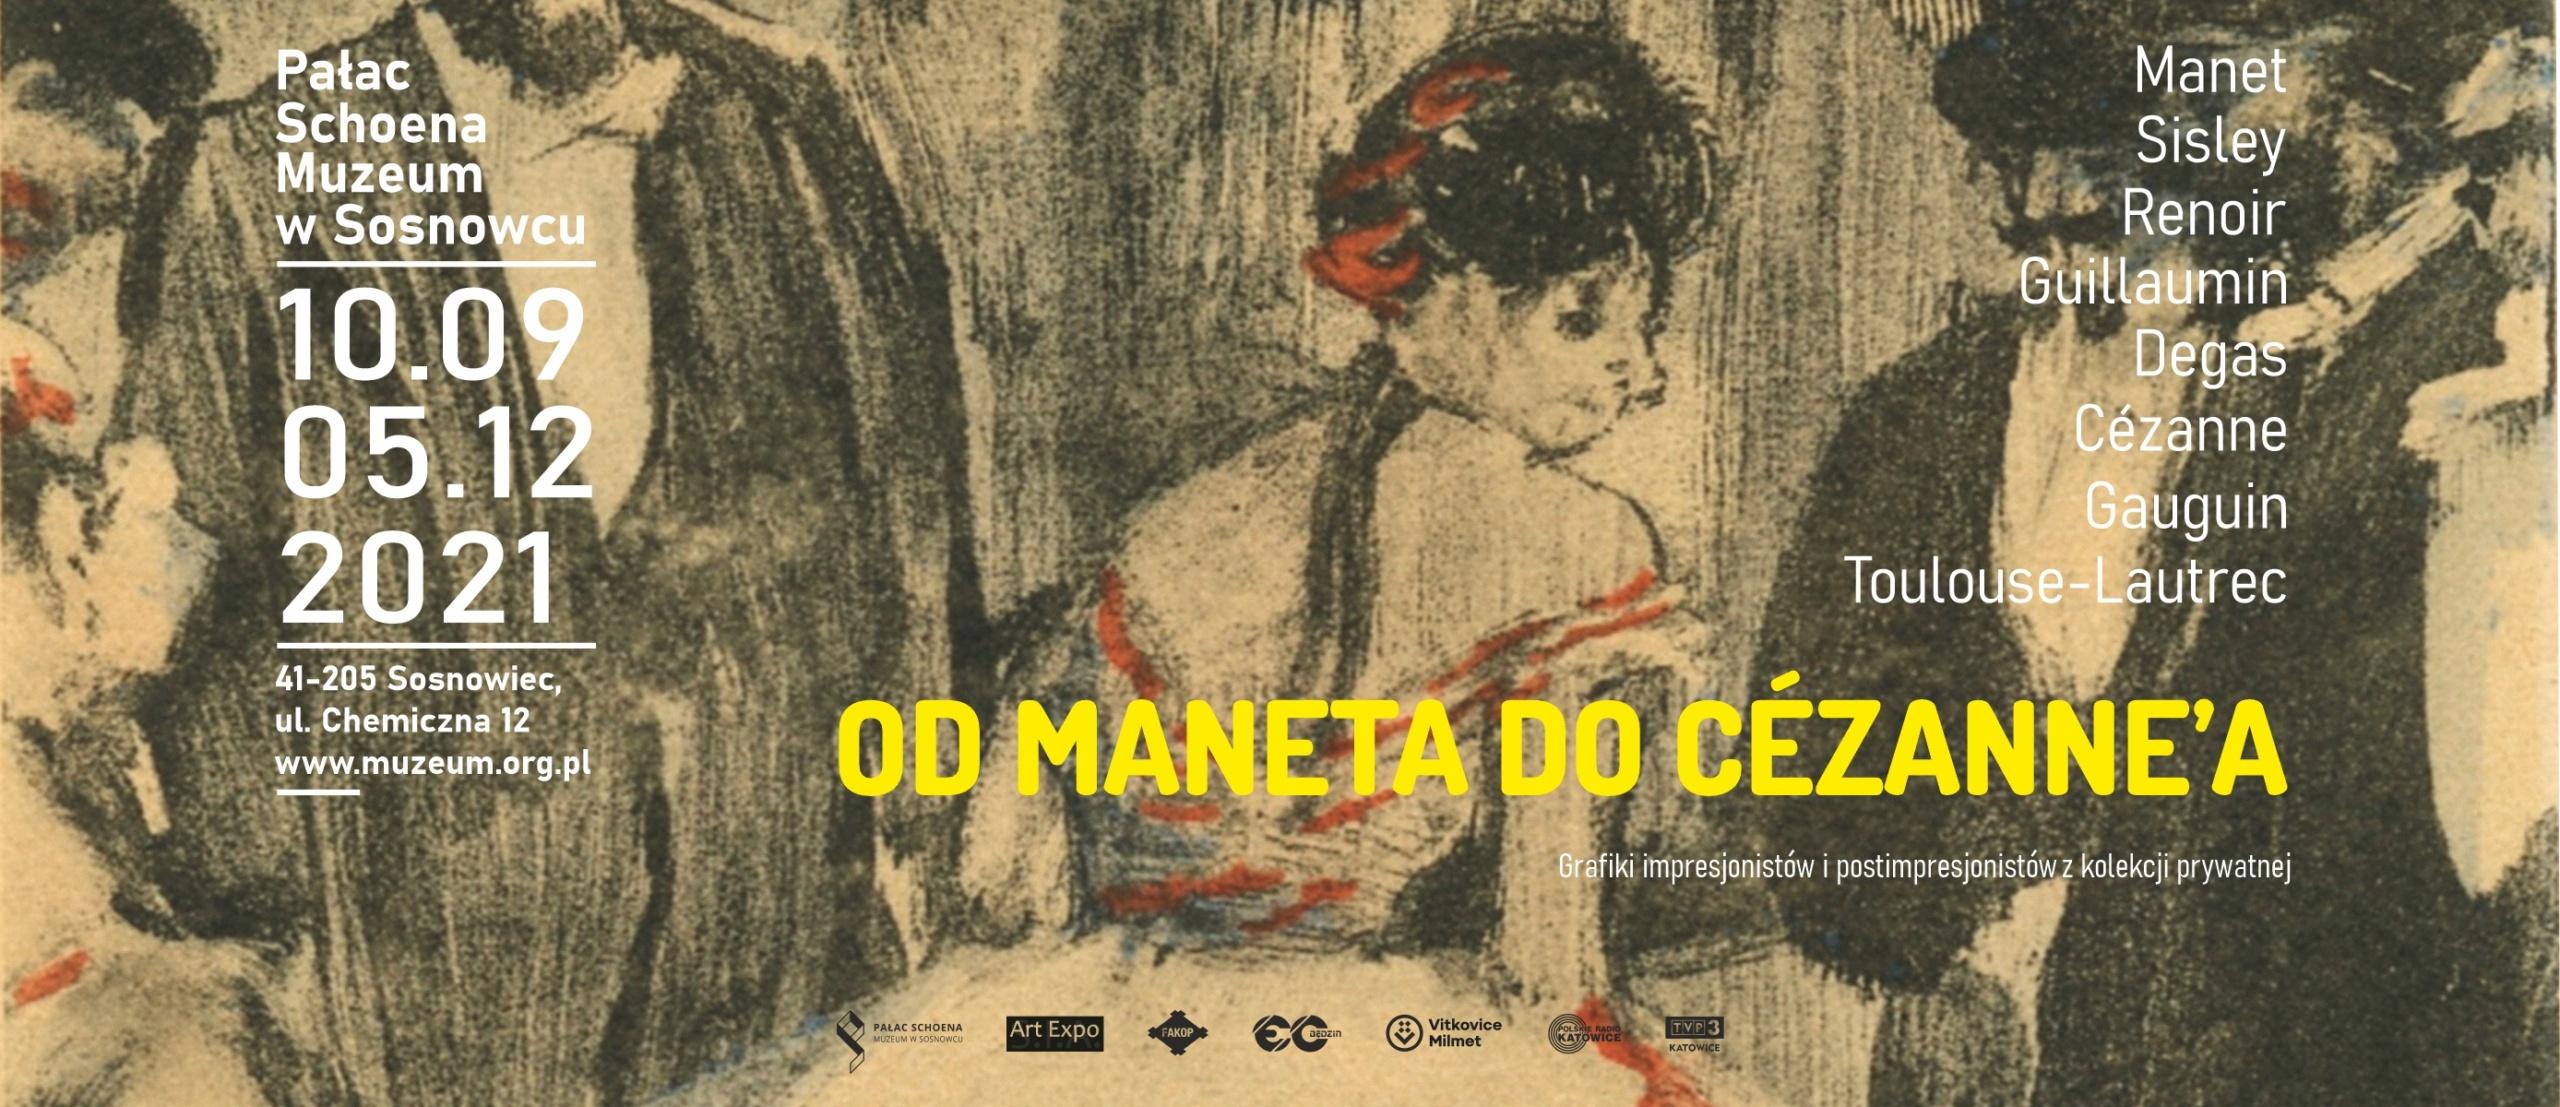 Od Maneta do Cézanne'a.Grafiki impresjonistów i postimpresjonistów z kolekcji prywatnej.